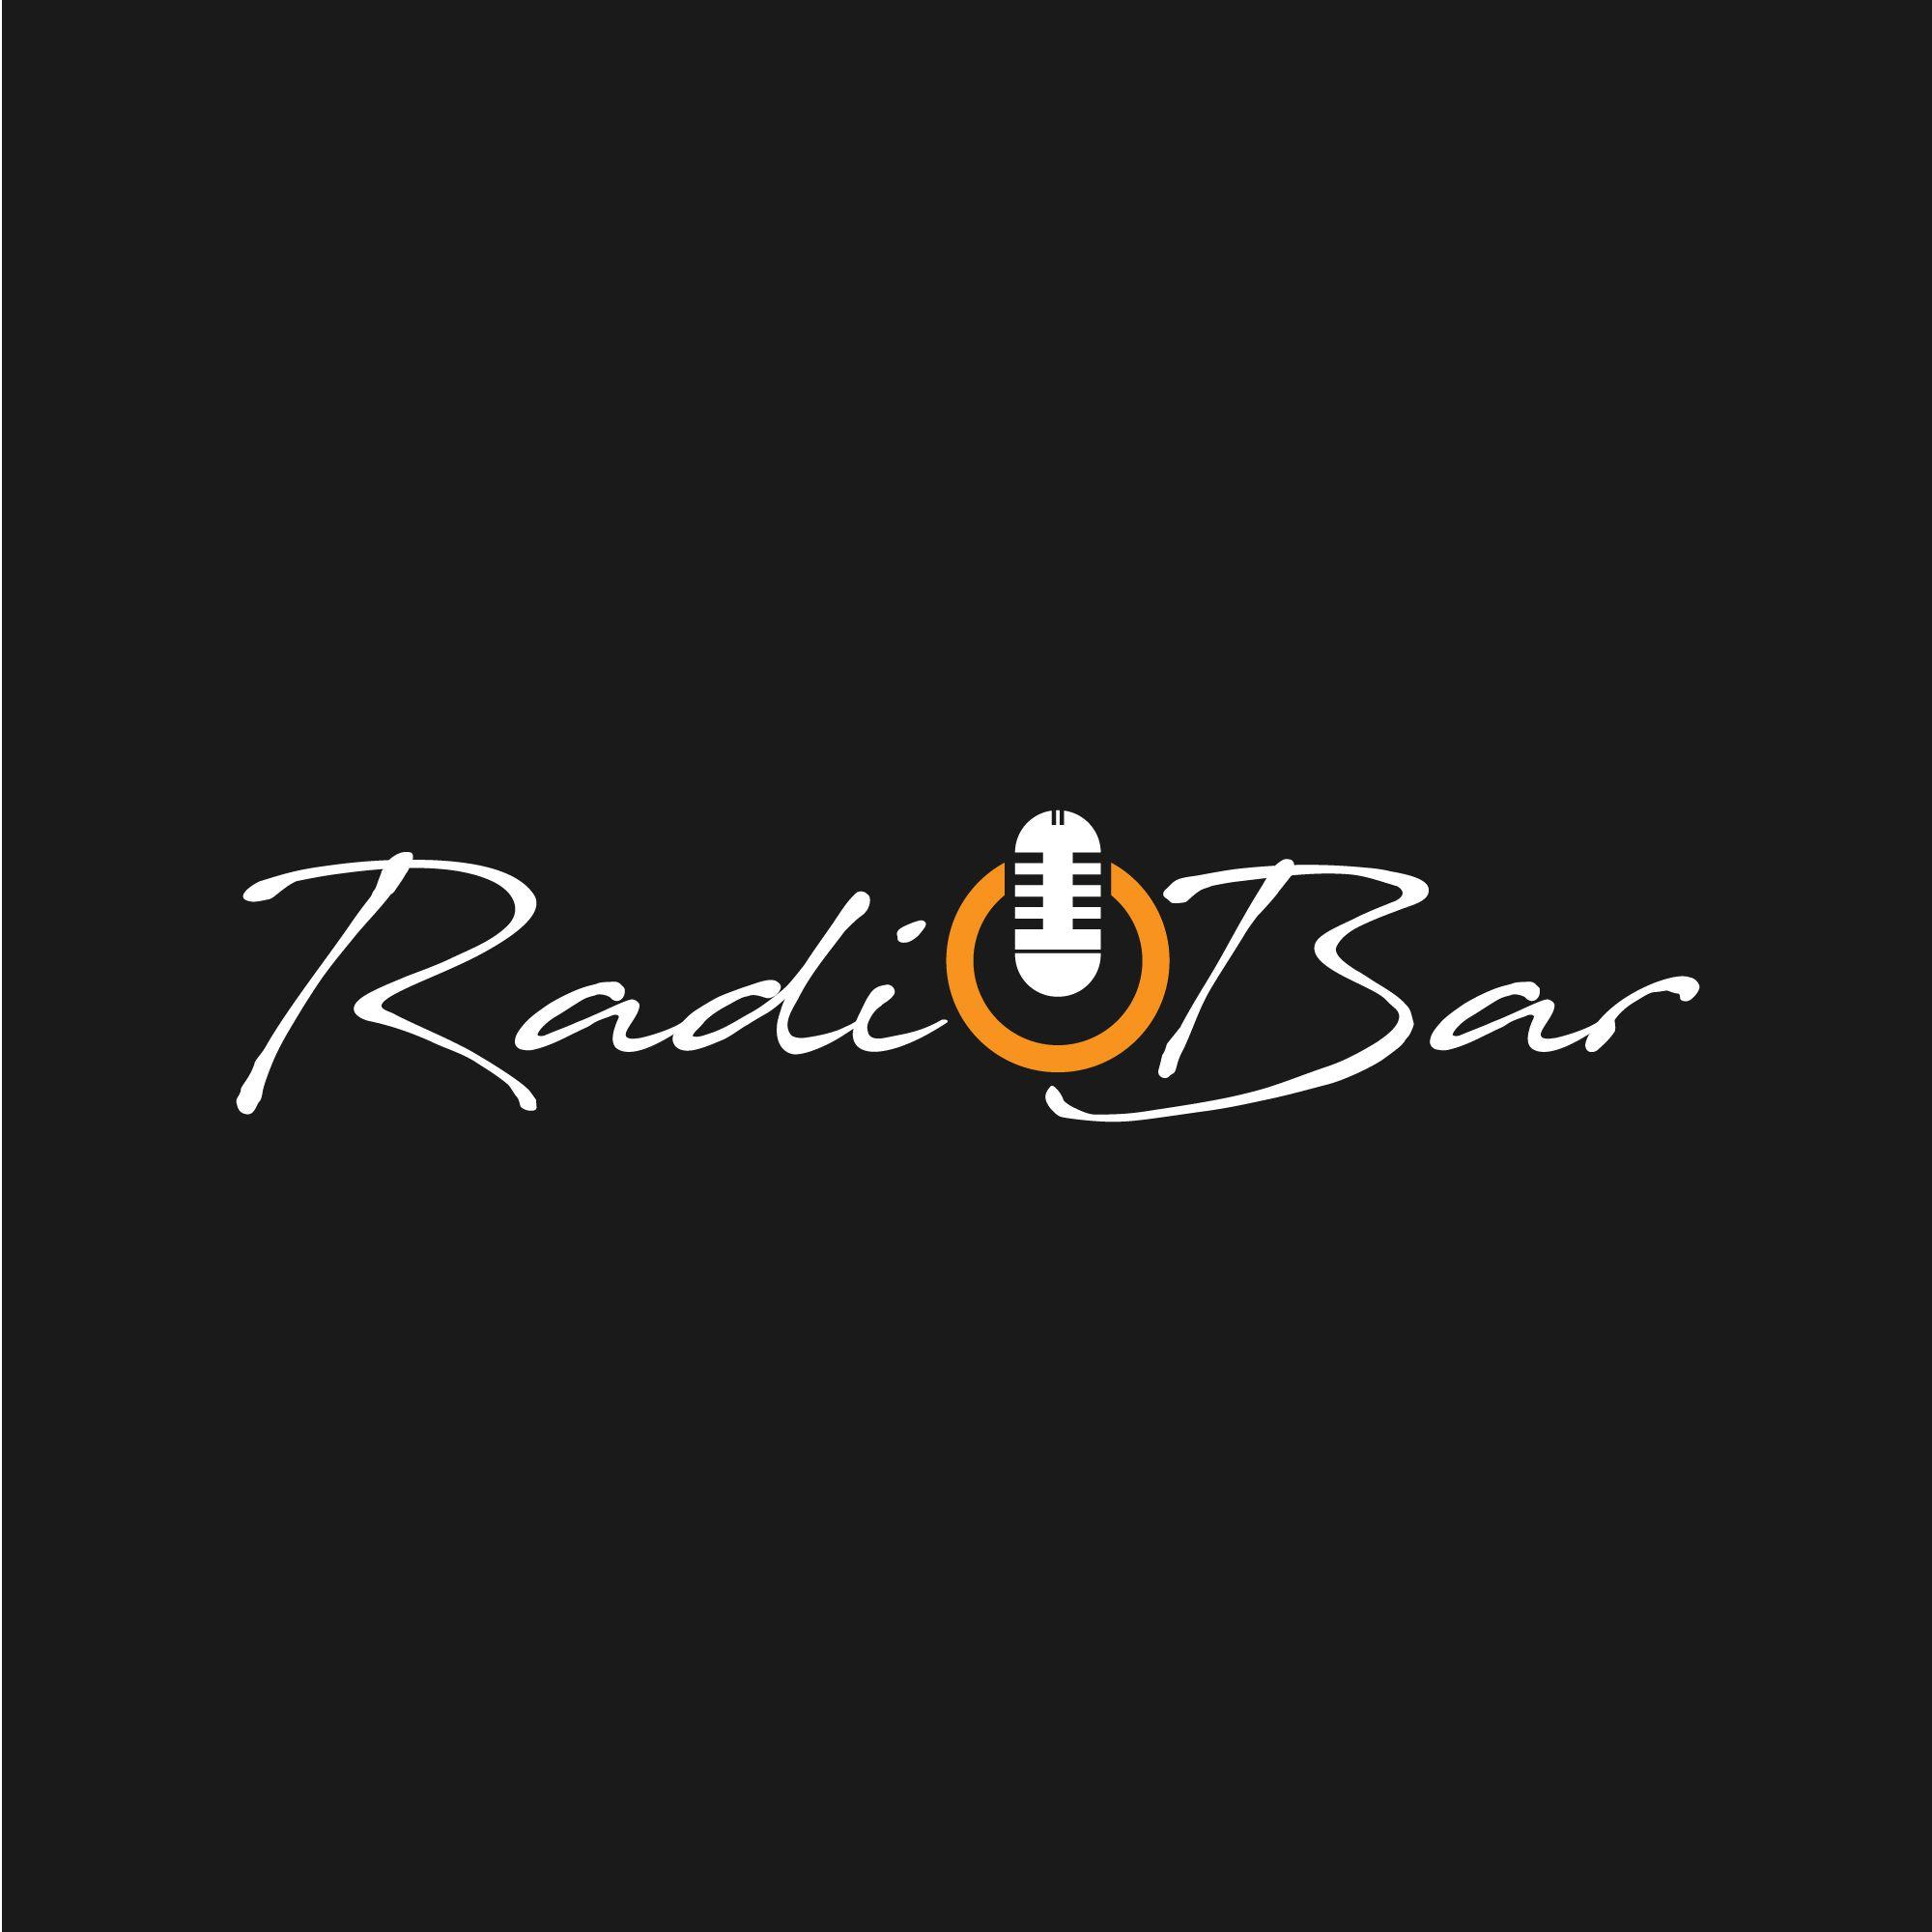 Логотип для Radio bar - дизайнер donskoy_design